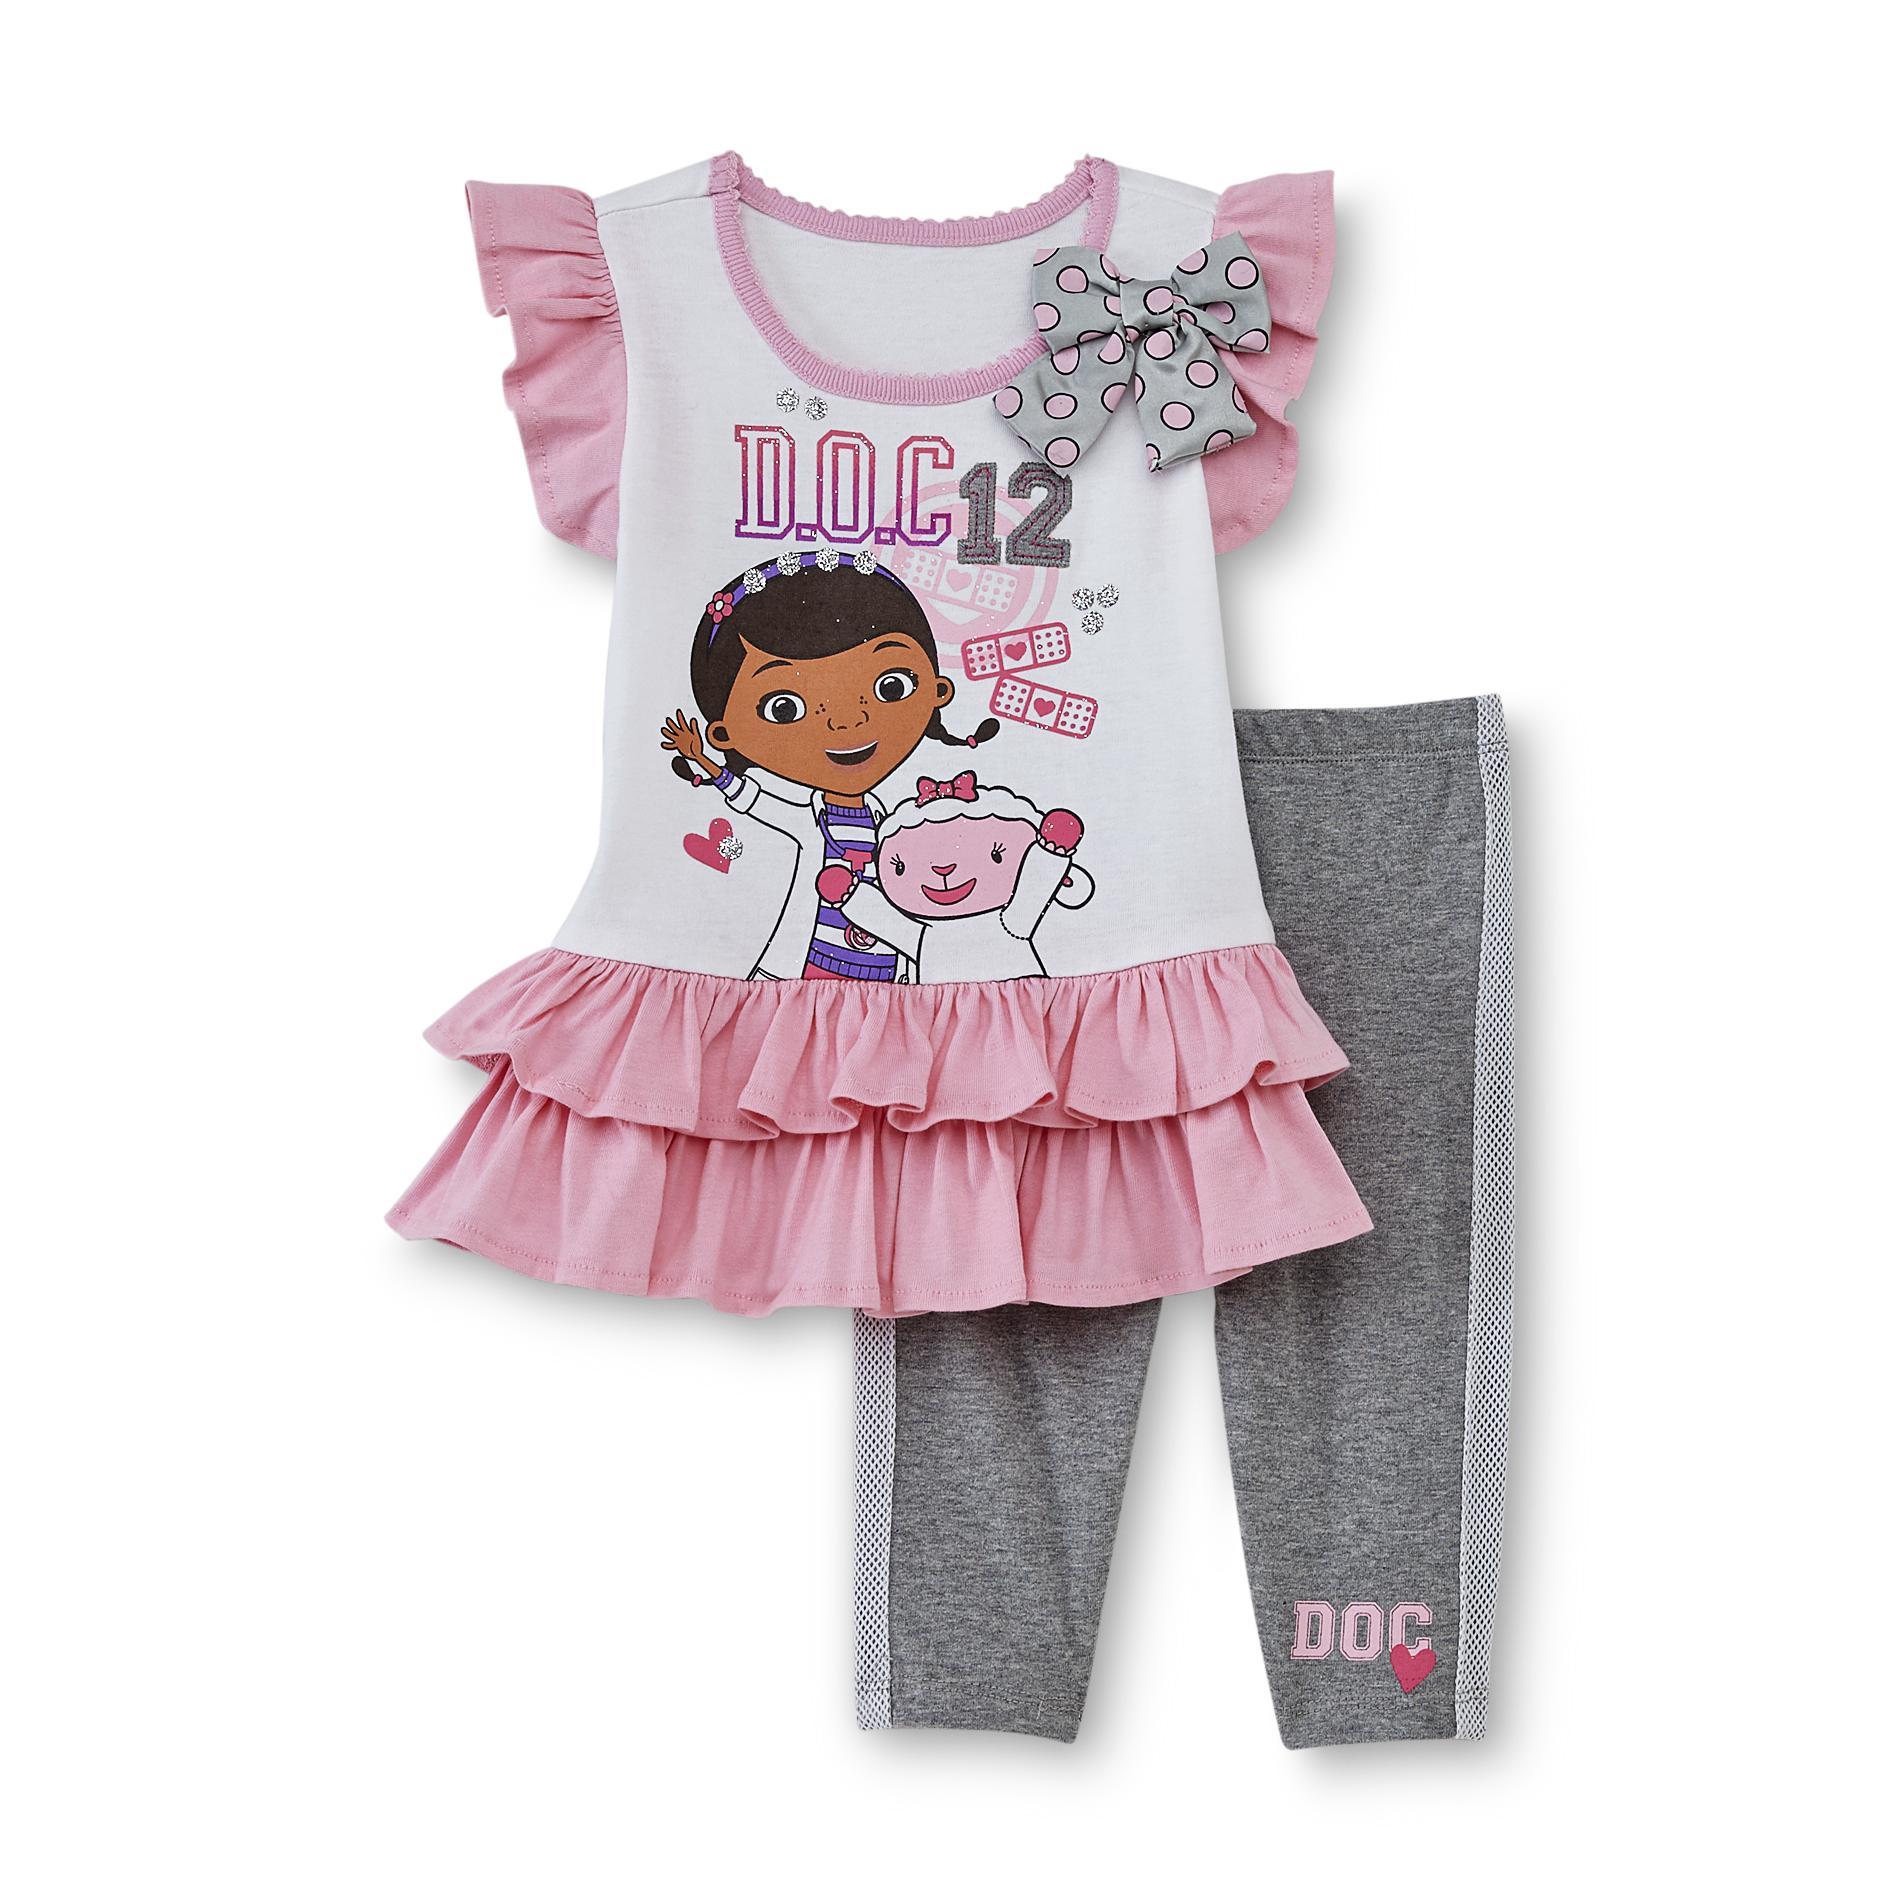 Disney Baby Doc McStuffins Toddler Girl's Dress & Leggings